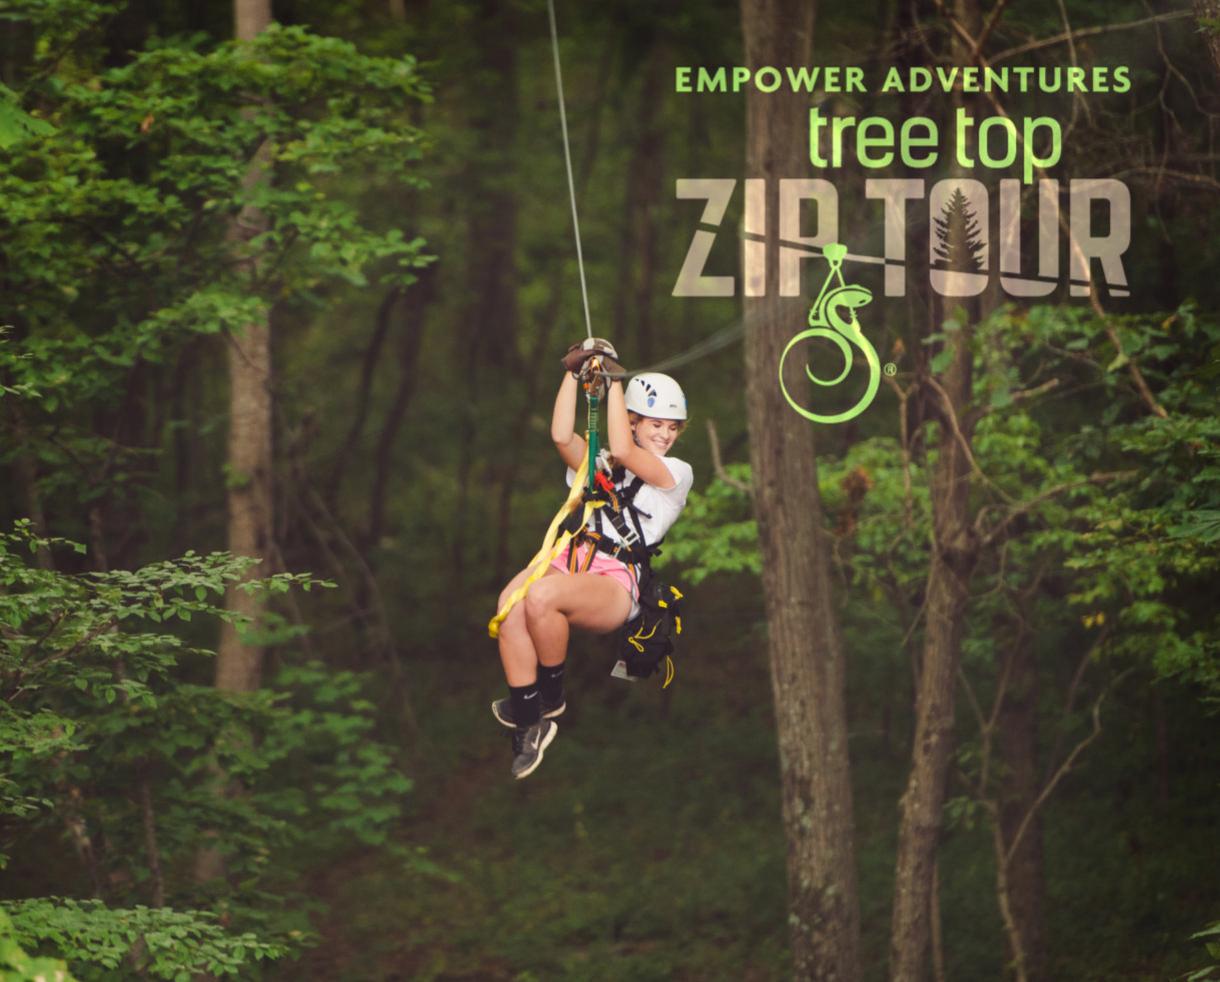 Treetop Zipline Tour at Salamander Resort & Spa